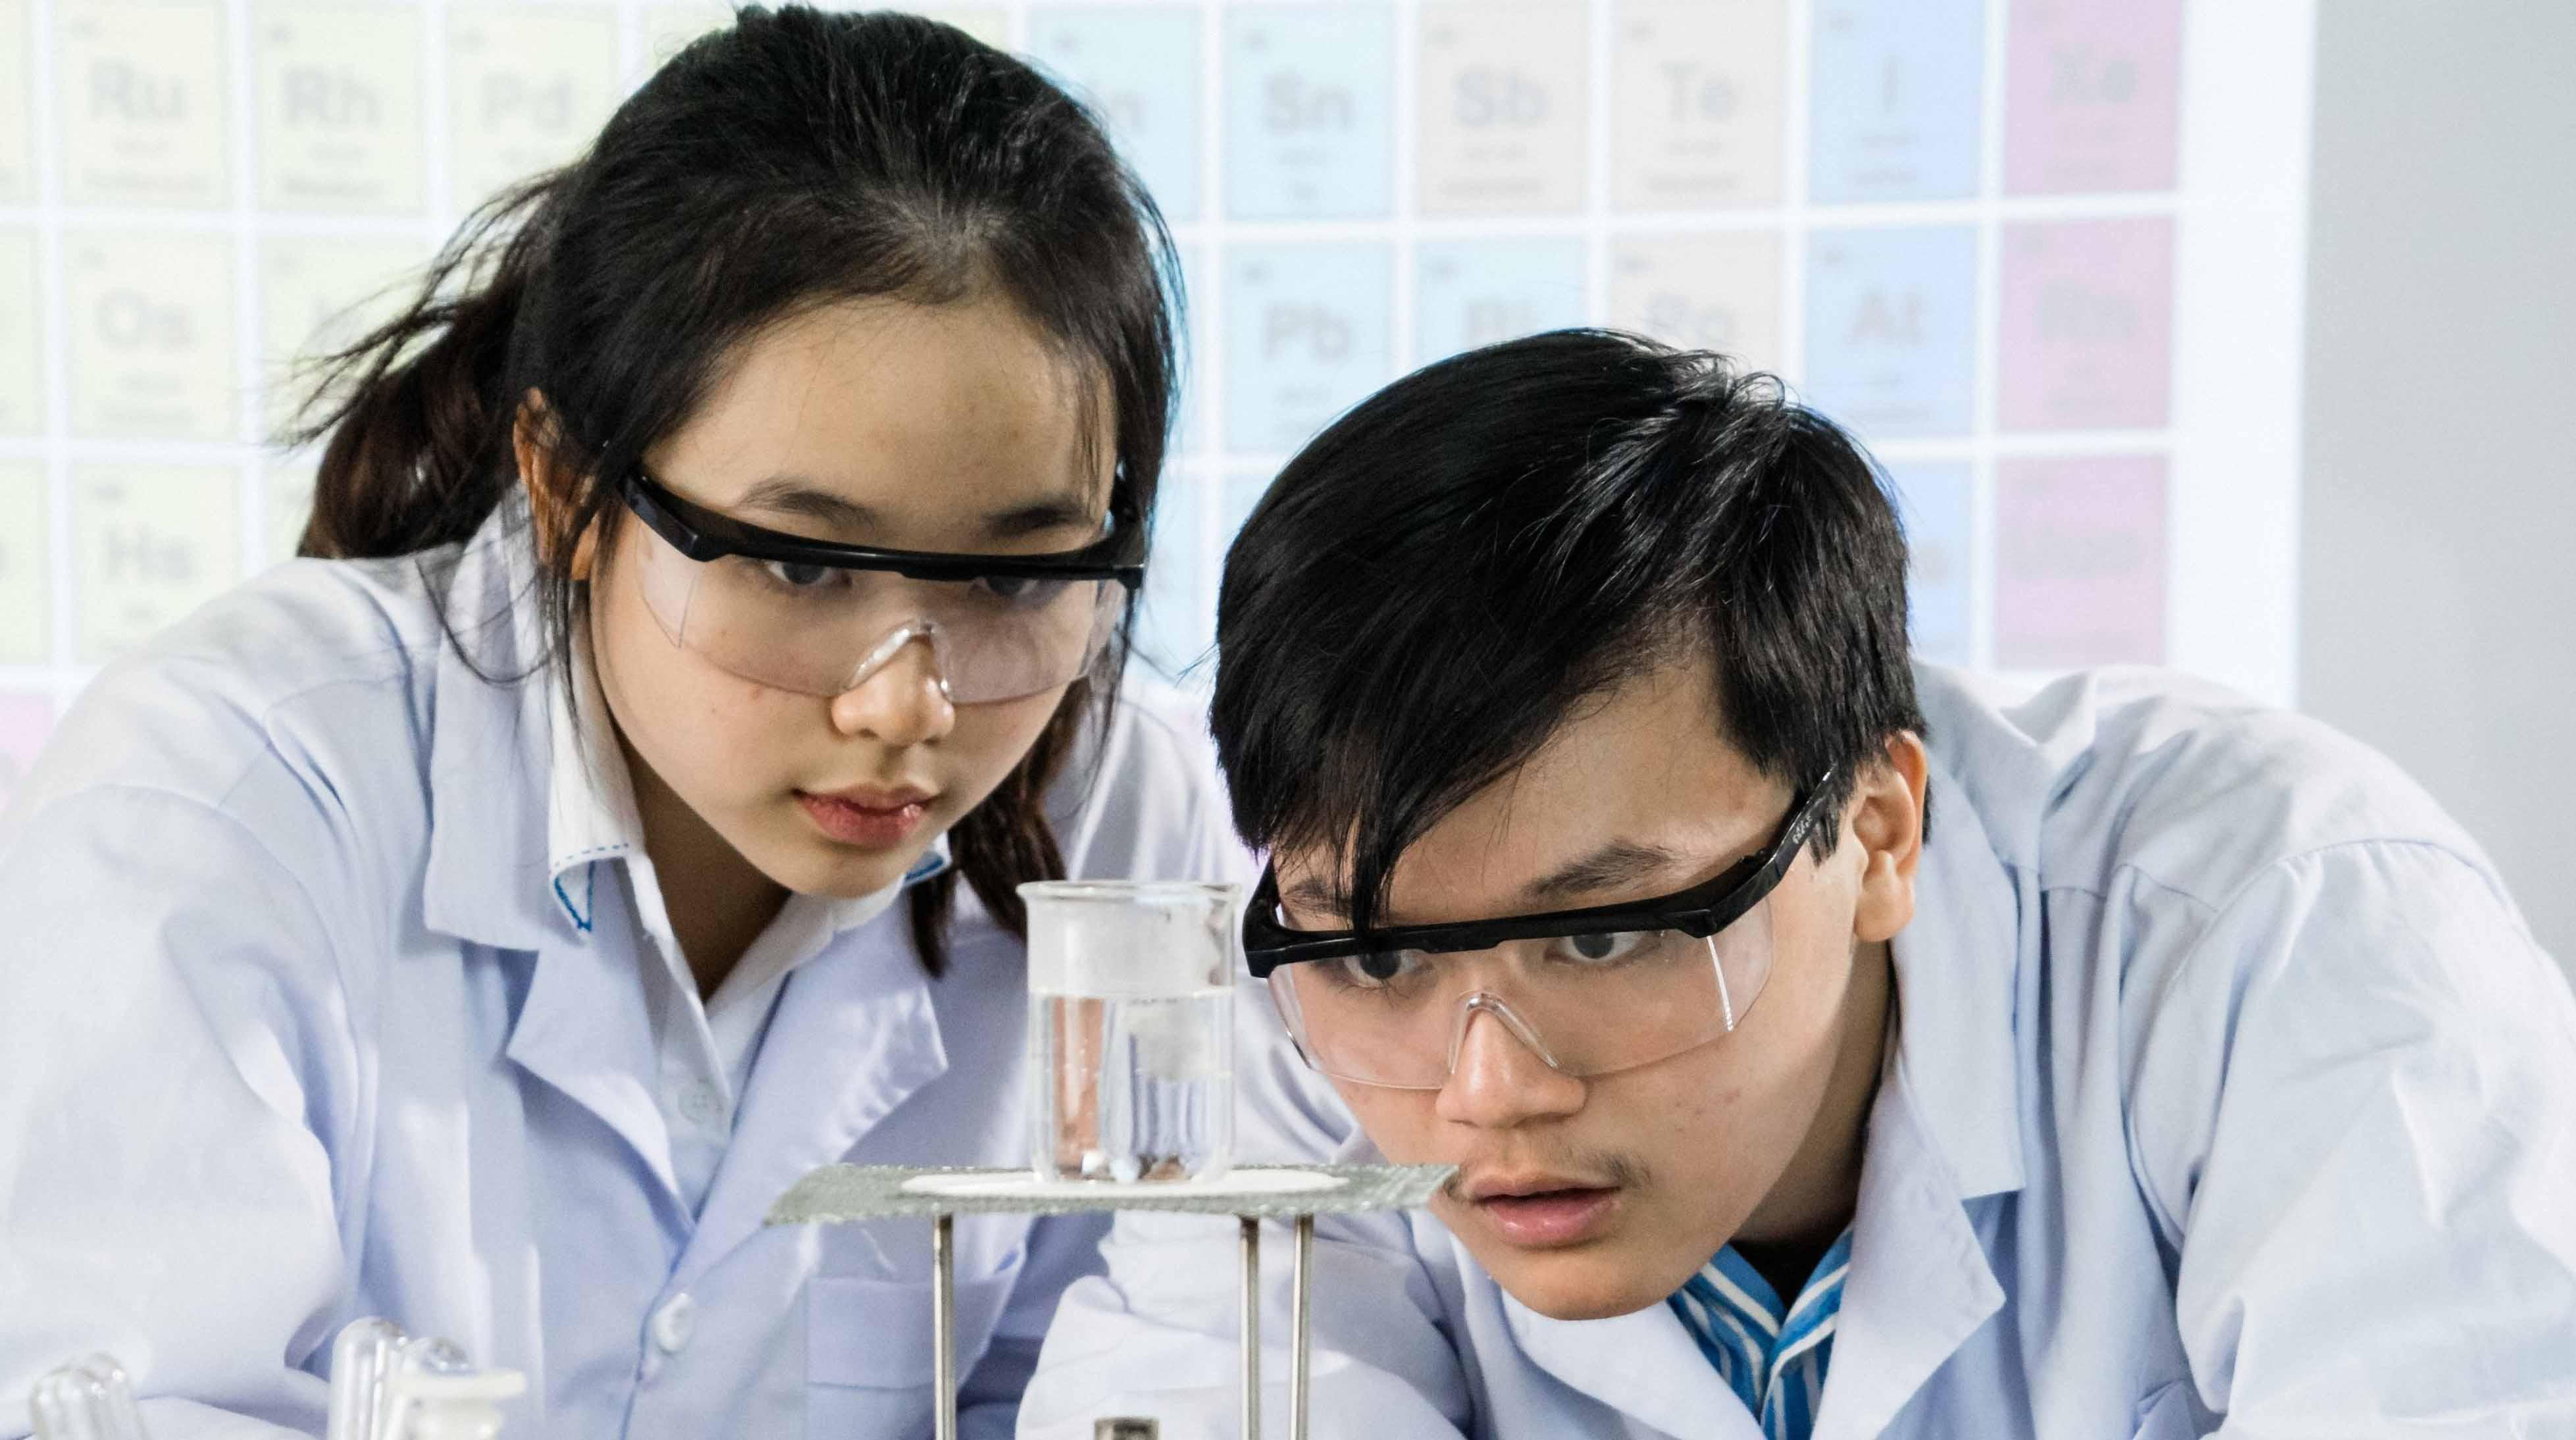 Bộ KH&CN đã góp phần đem lại những thay đổi thực sự trong cộng đồng khoa học Việt Nam.